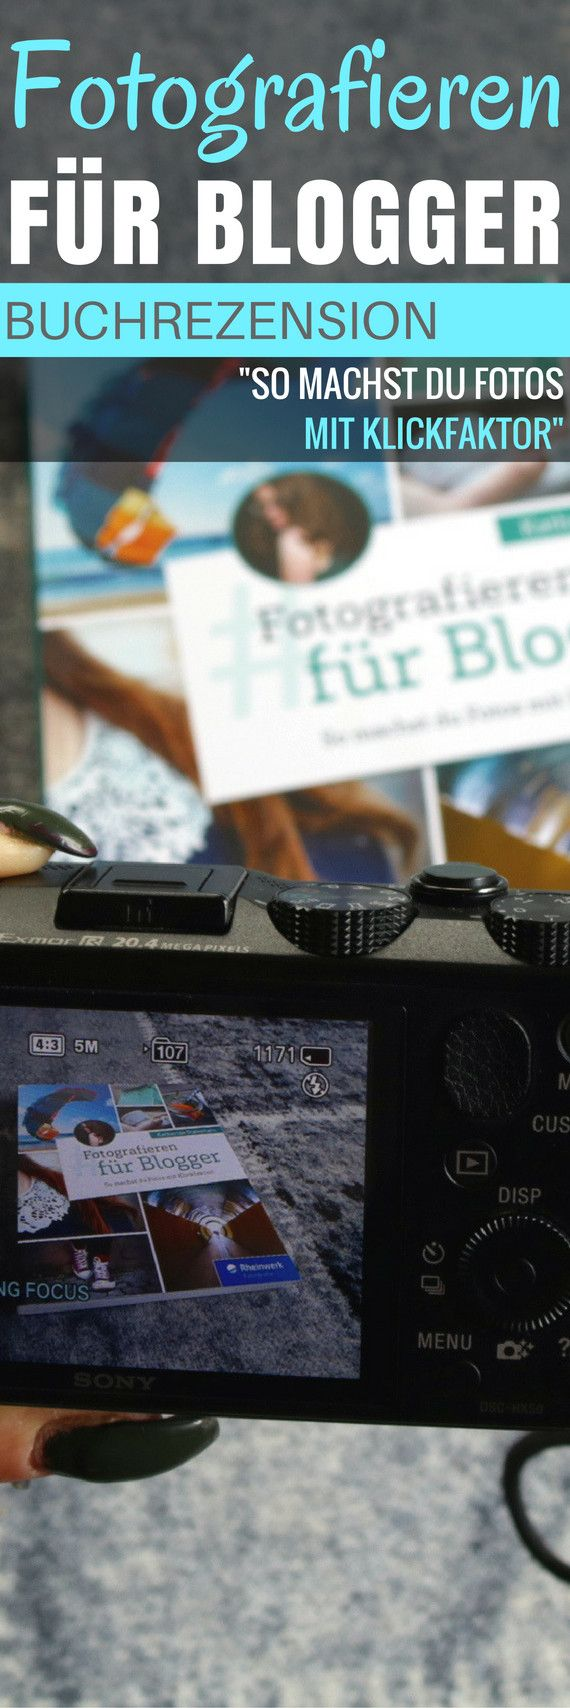 """""""Fotografieren für Blogger – So machst du Fotos mit Klickfaktor"""" – Buchrezension"""